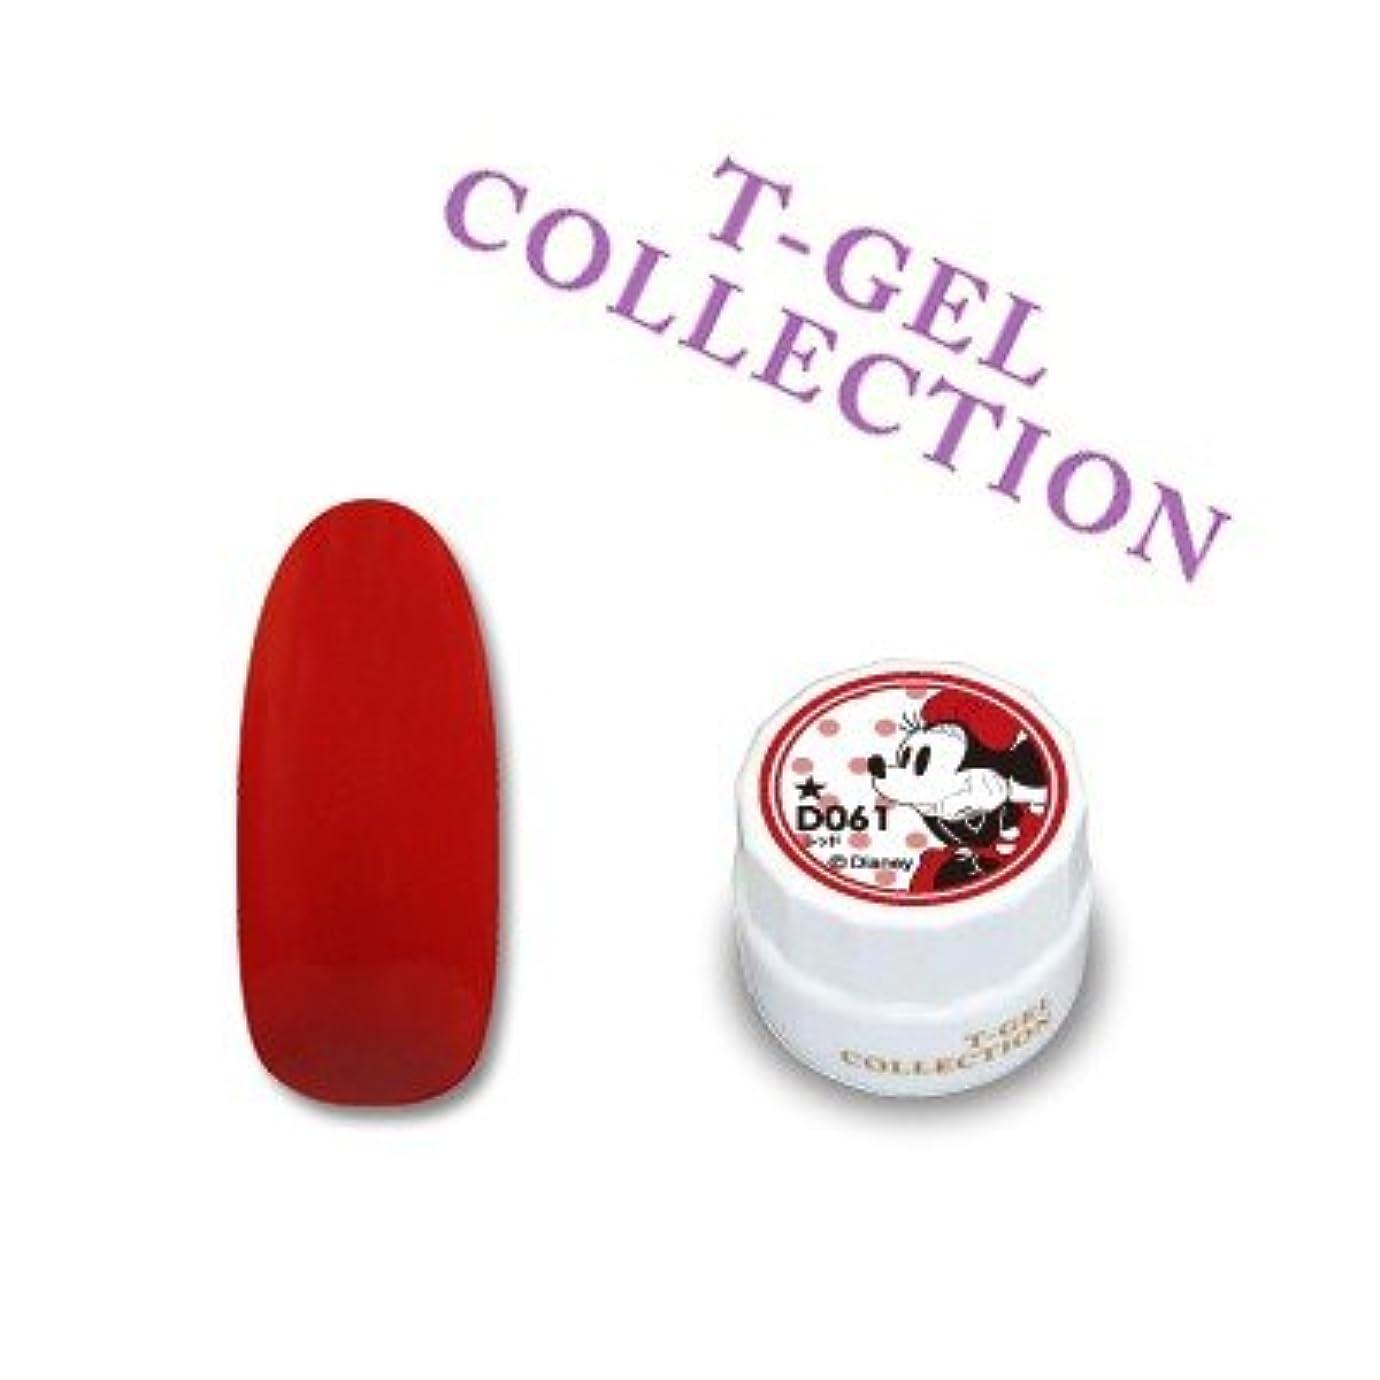 消費者予防接種半導体ジェルネイル カラージェル T-GEL ティージェル COLLECTION カラージェル D061 レッド 4ml